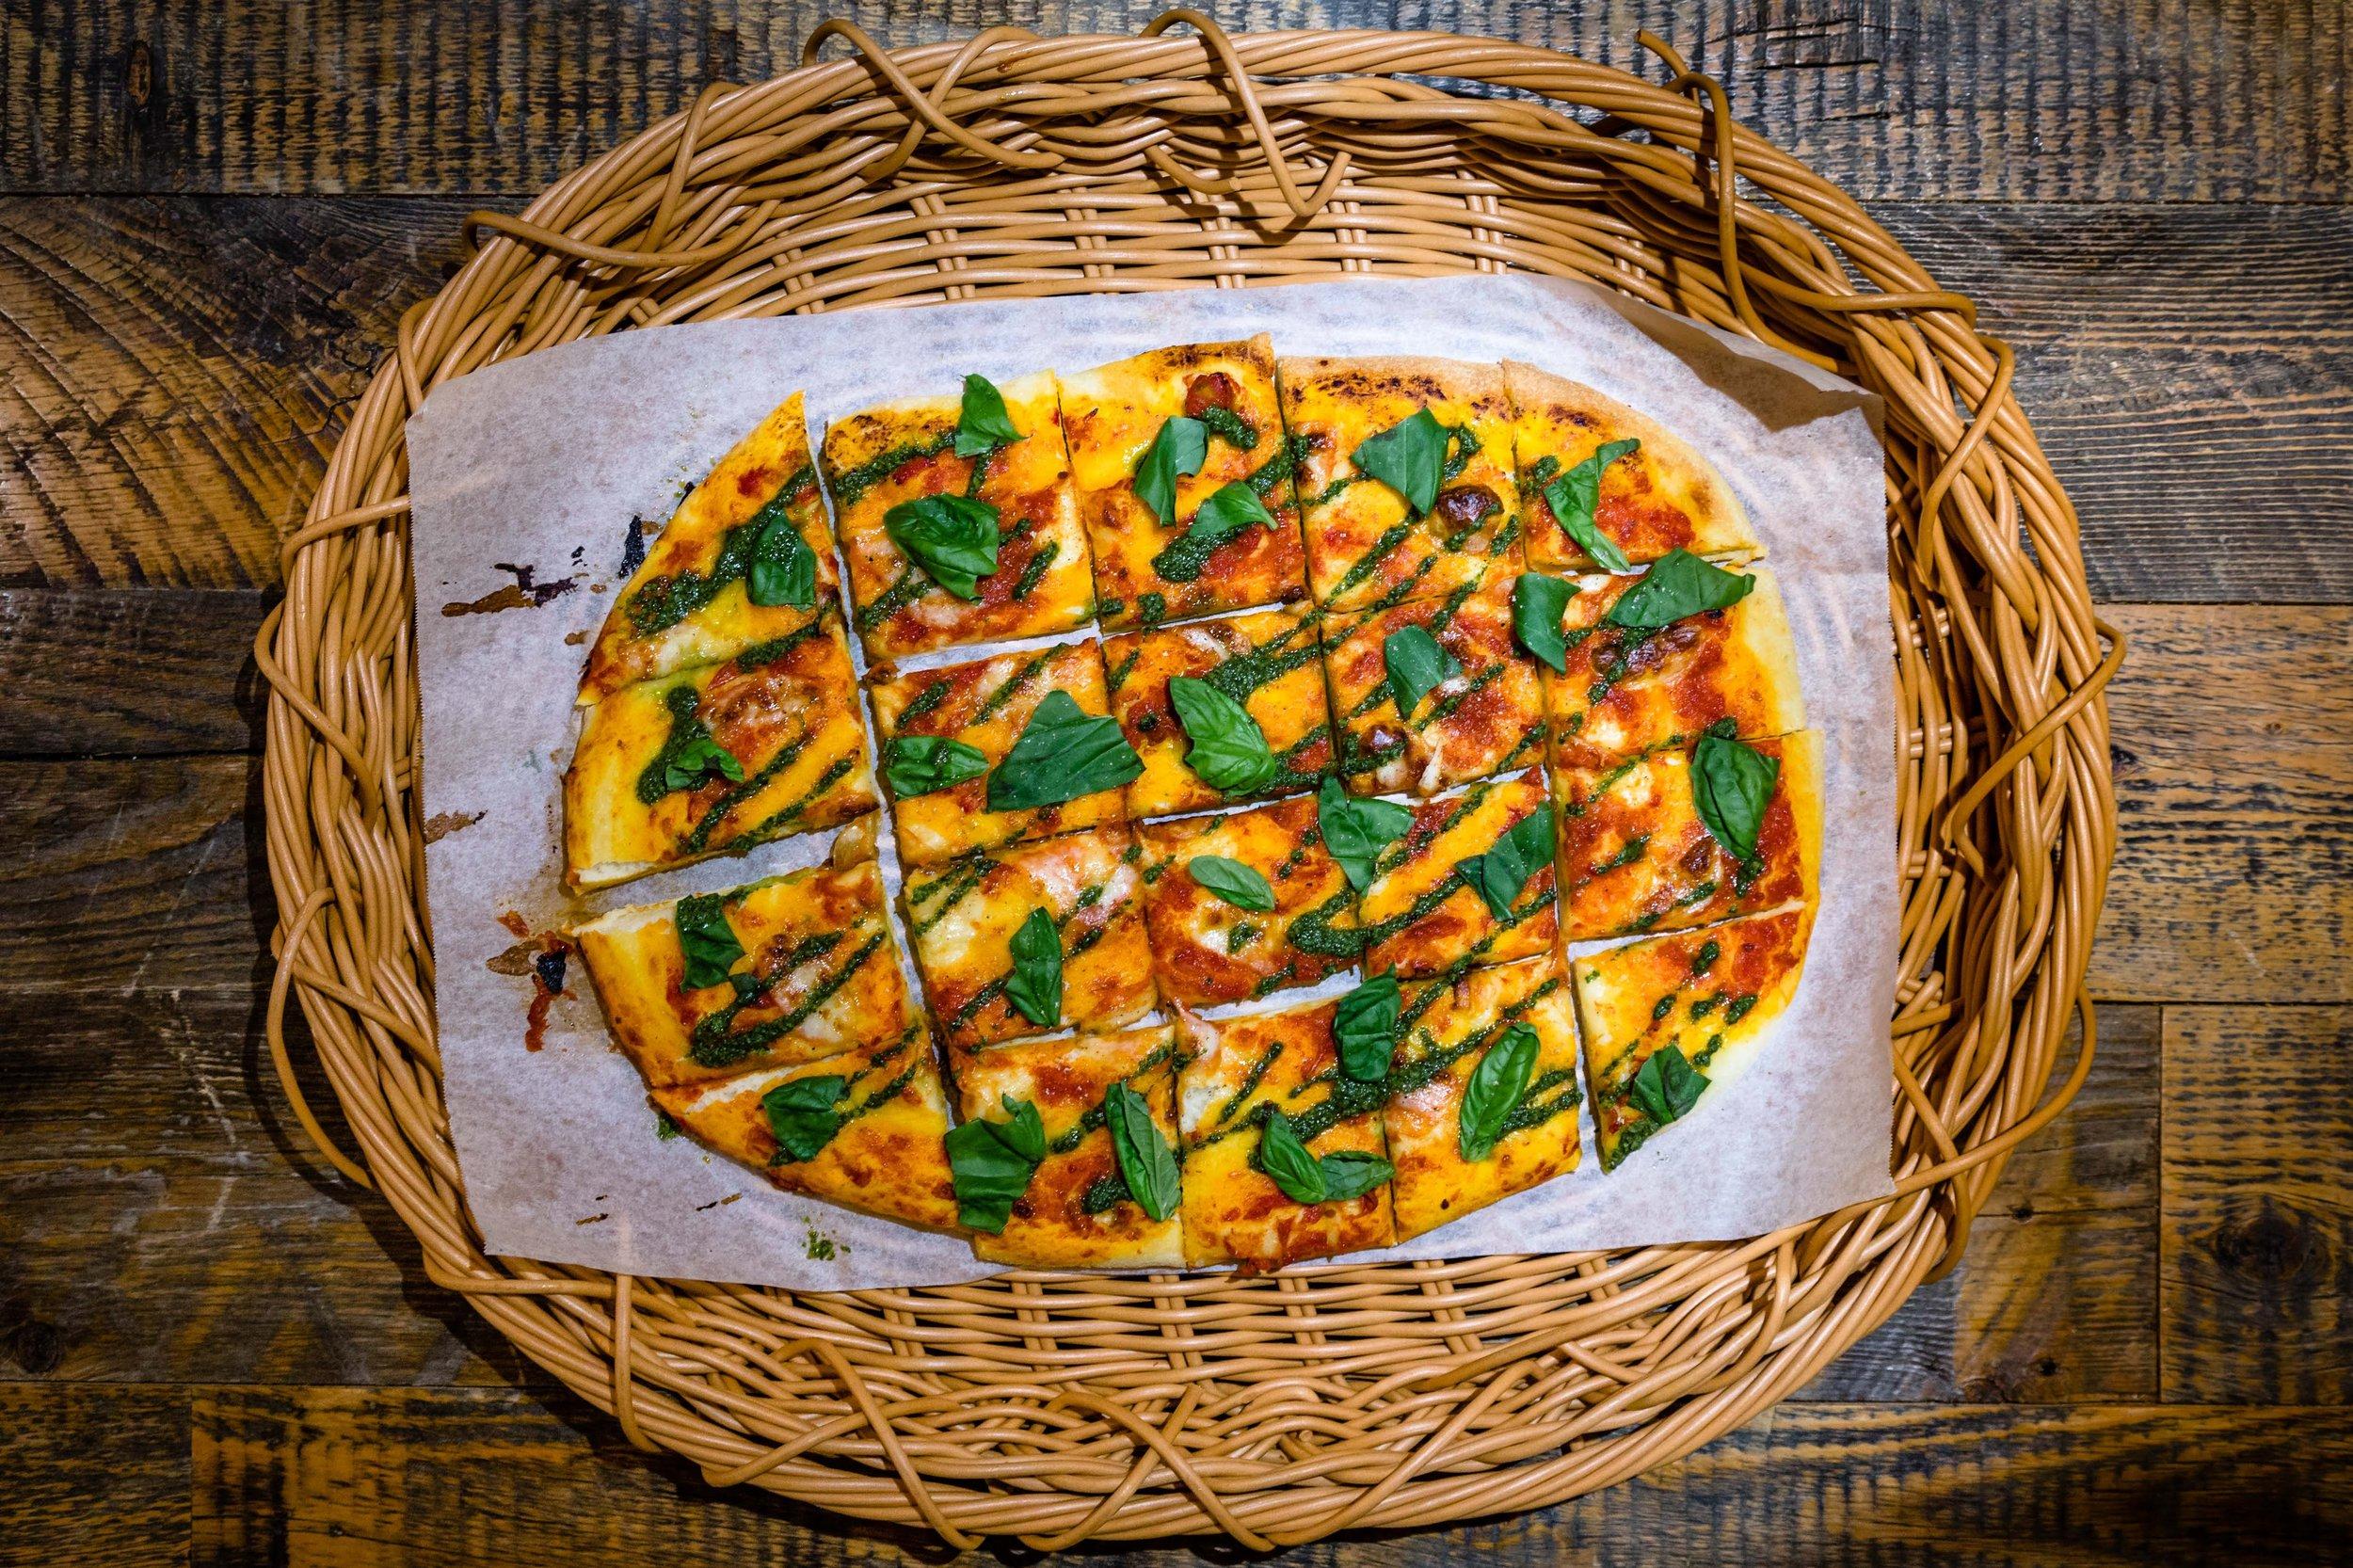 Focaccia Pizza8名様分 ¥2,500 - 生地から自家製のフォカッチャピザです。具材によりベジタリアン対応も可能です。